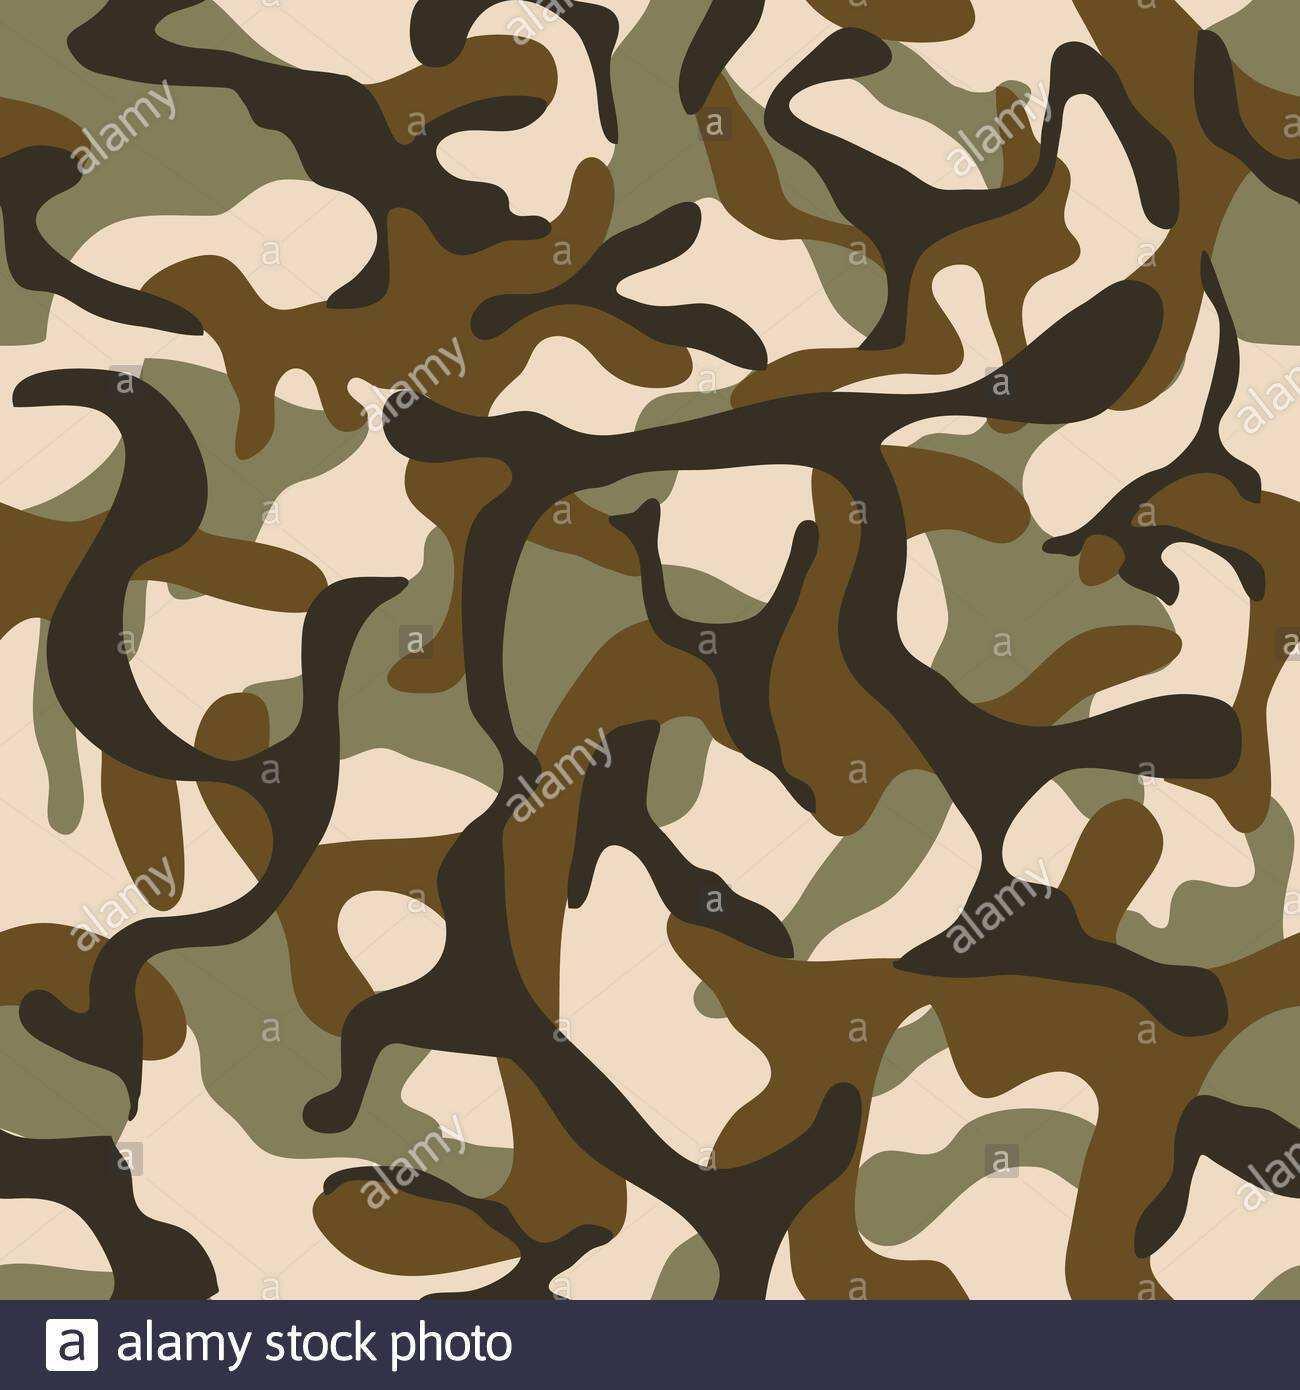 Camouflage Militarvektor Nahtloses Muster Armee Hintergrundkleidung Fur Einheitliche Soldatenillustration Stock Vektorgrafik Alamy